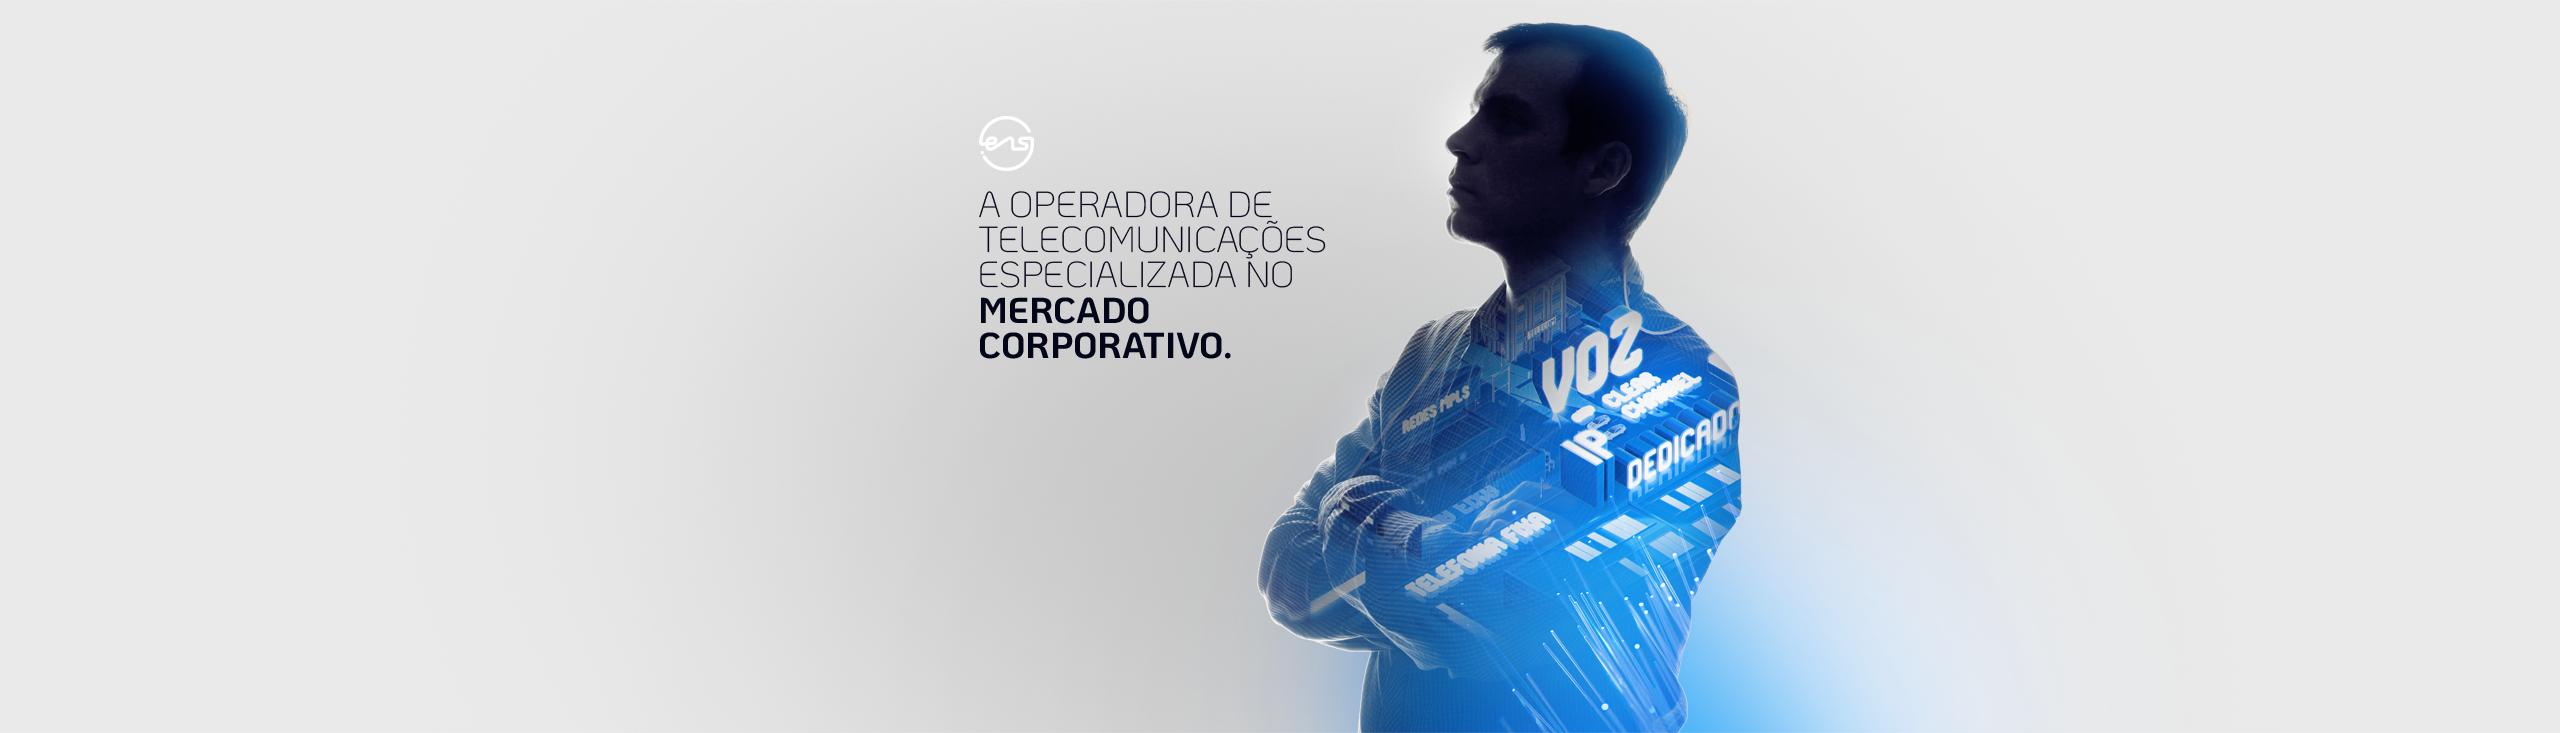 Ensite Brasil Telecomunicações Ltda.